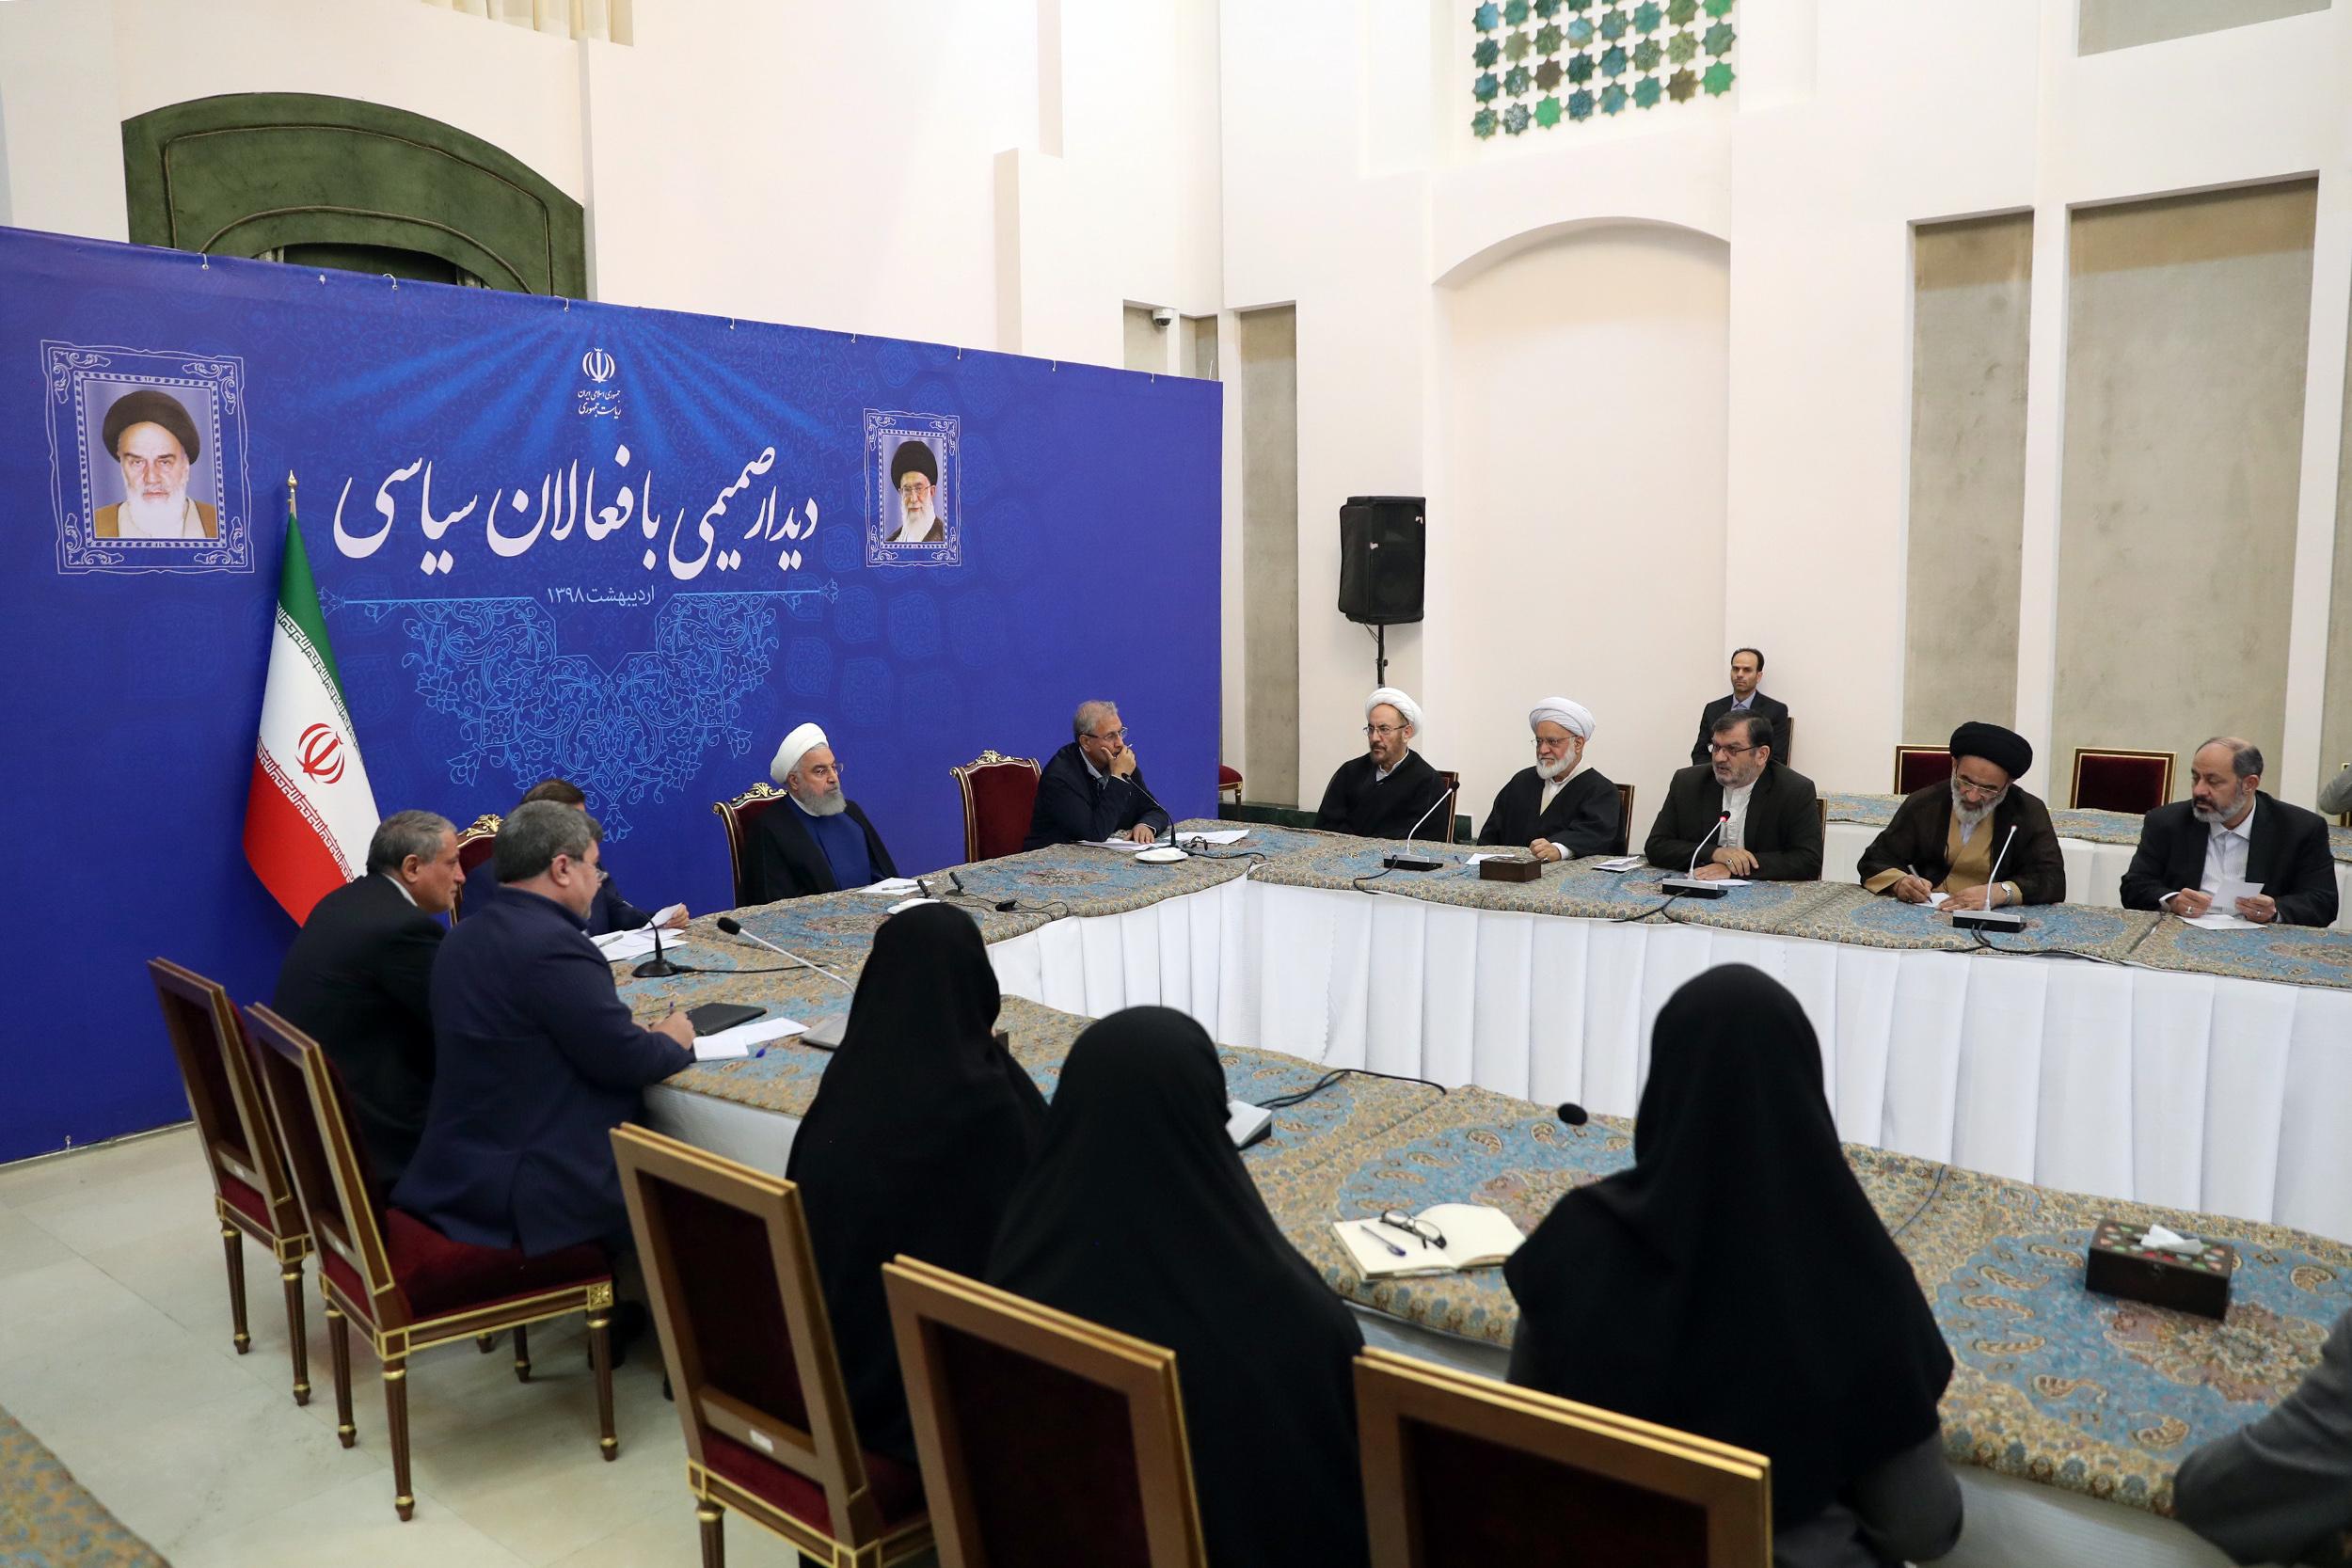 جلاییپور: روحانی در مراسم افطاری گفت که اوباما 19 بار از من تقاضای ملاقات کرد ولی دولت اختیار پاسخش را نداشت